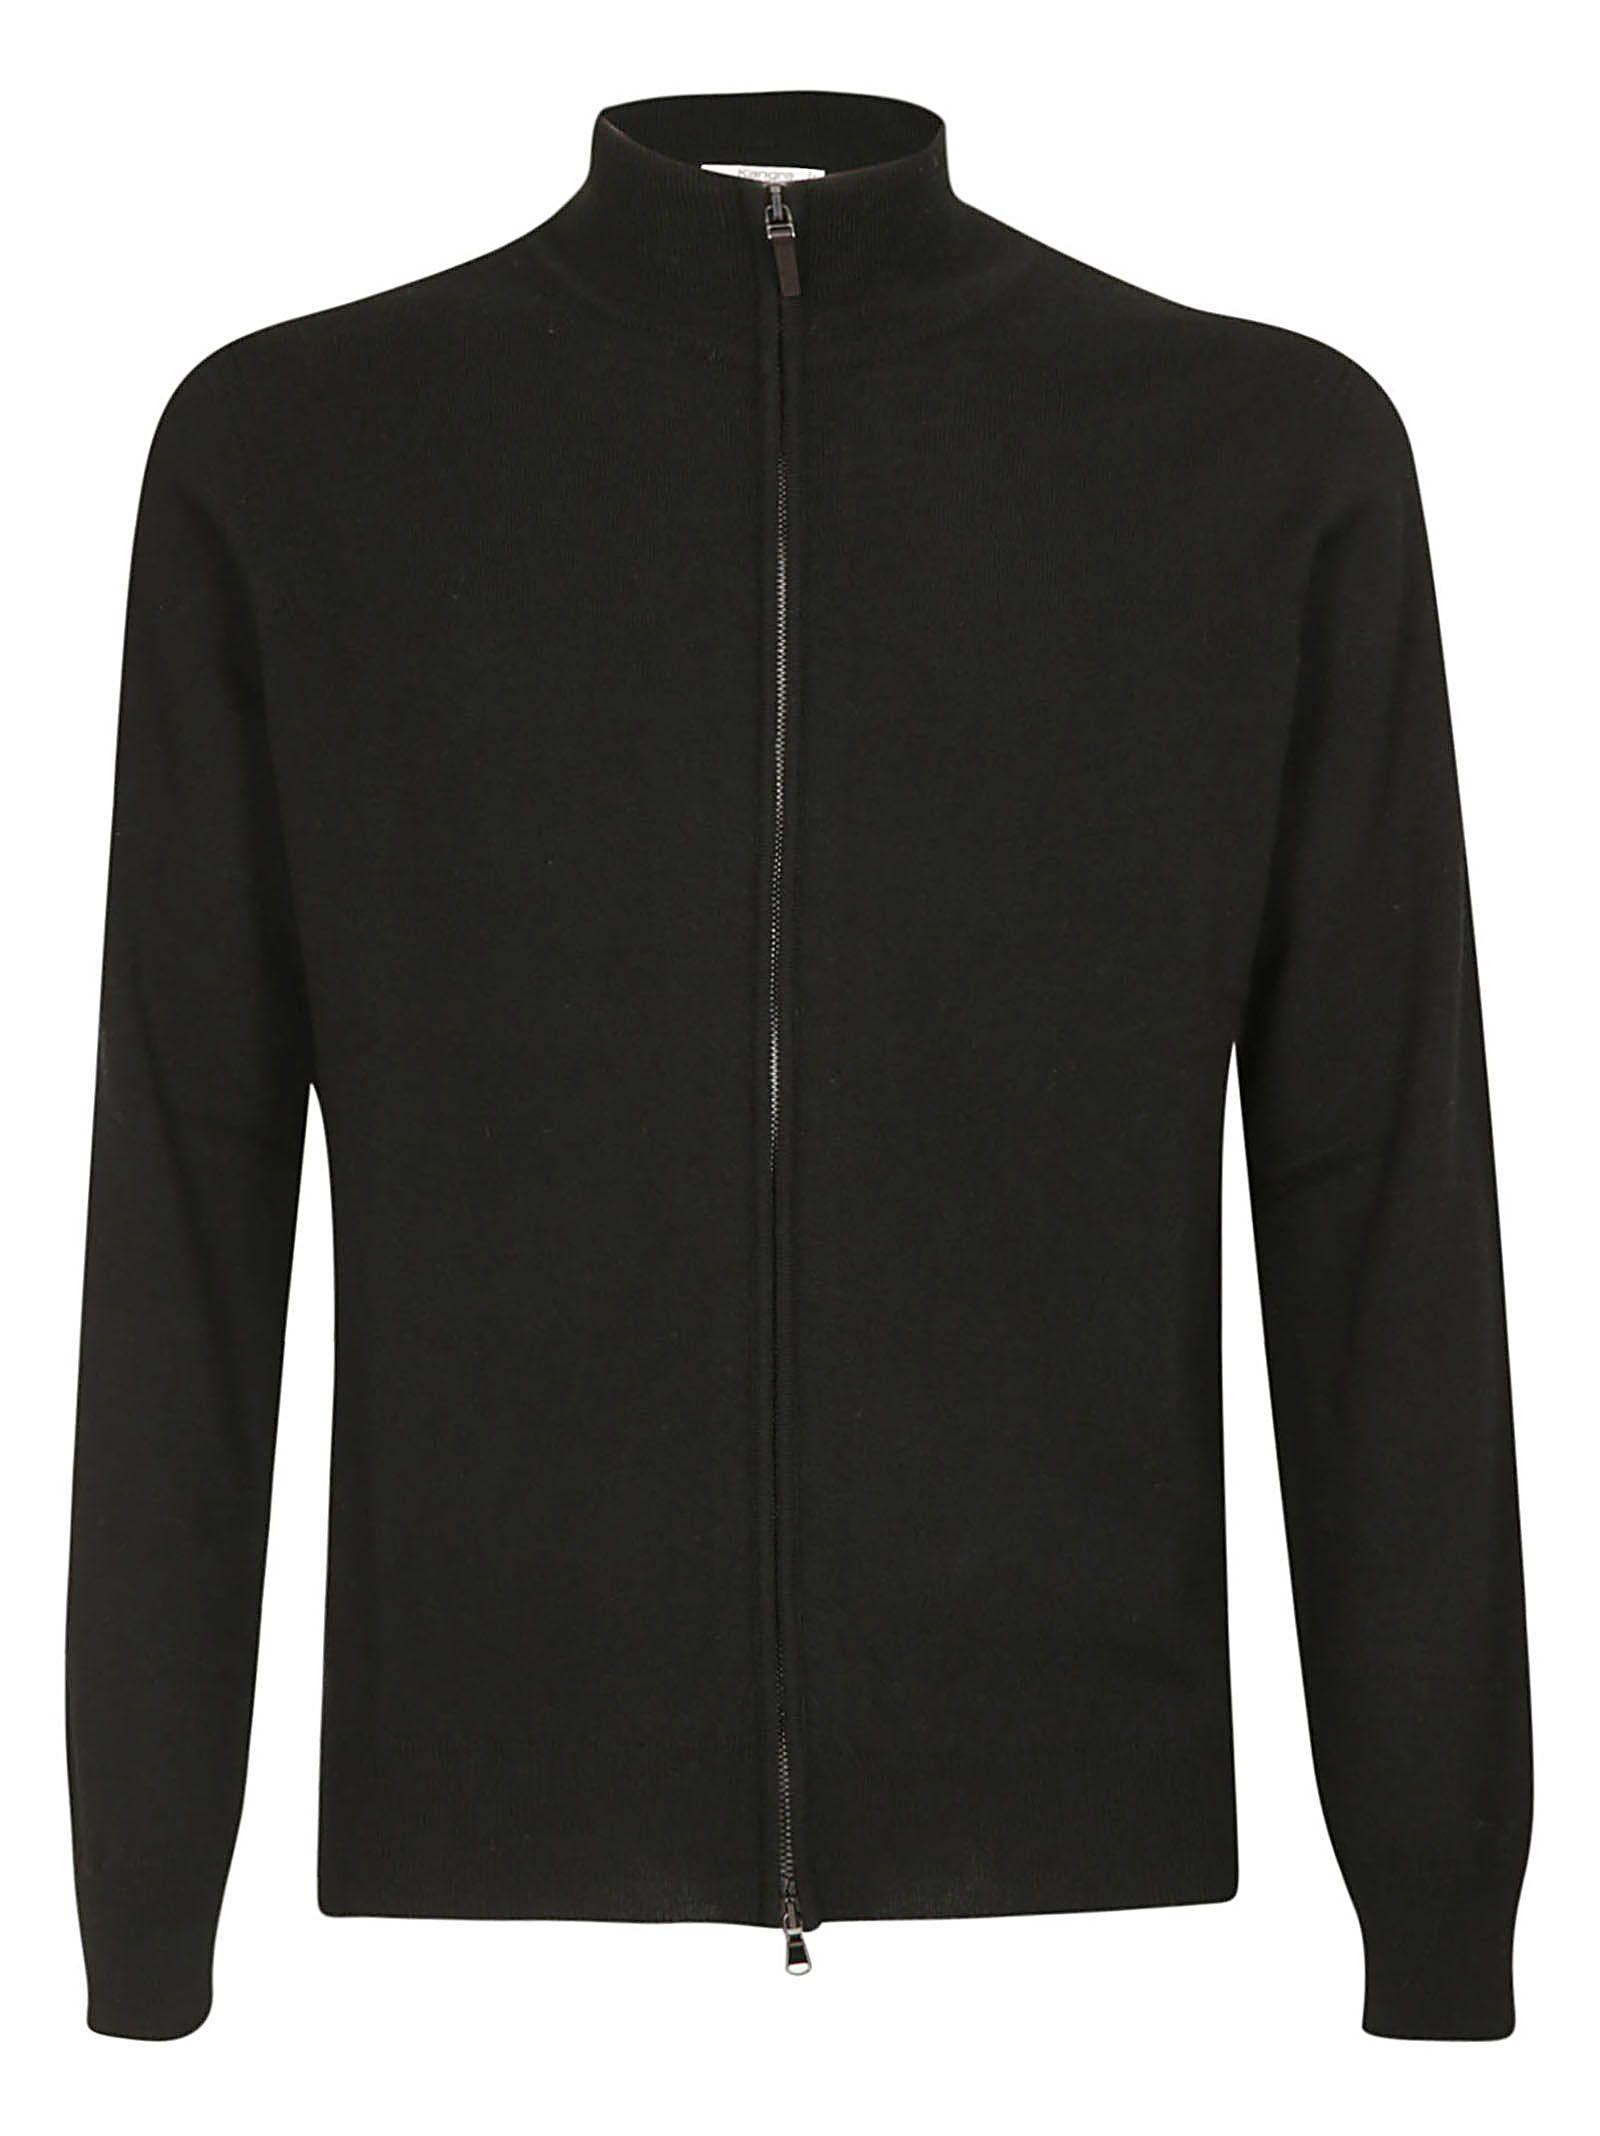 KANGRA Zipped Jacket in Black